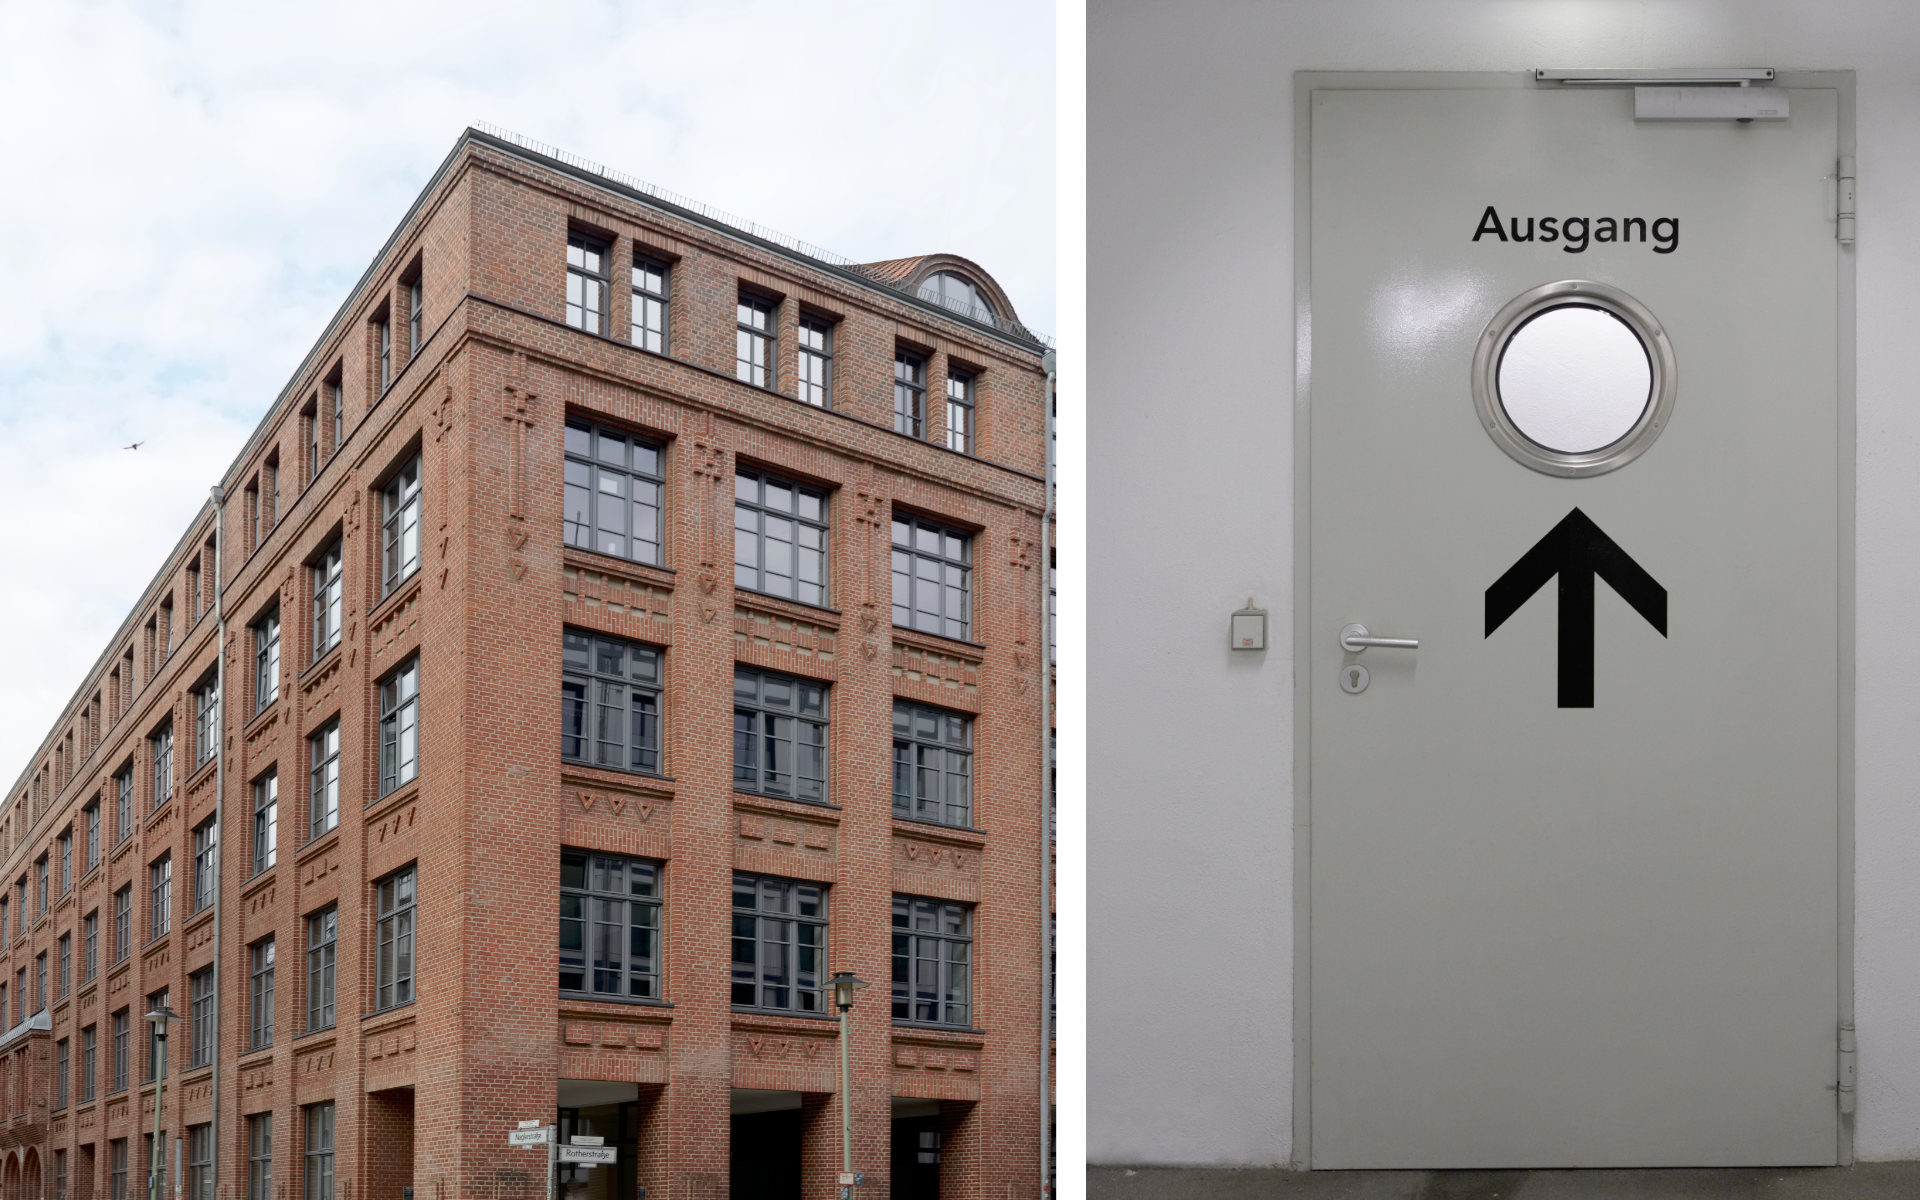 Oberbaumcity Denkmalschutz Parkleitsystem Buerohaus Beschilderung Leitsystem Parkgaragenbeschriftung Design Berlin